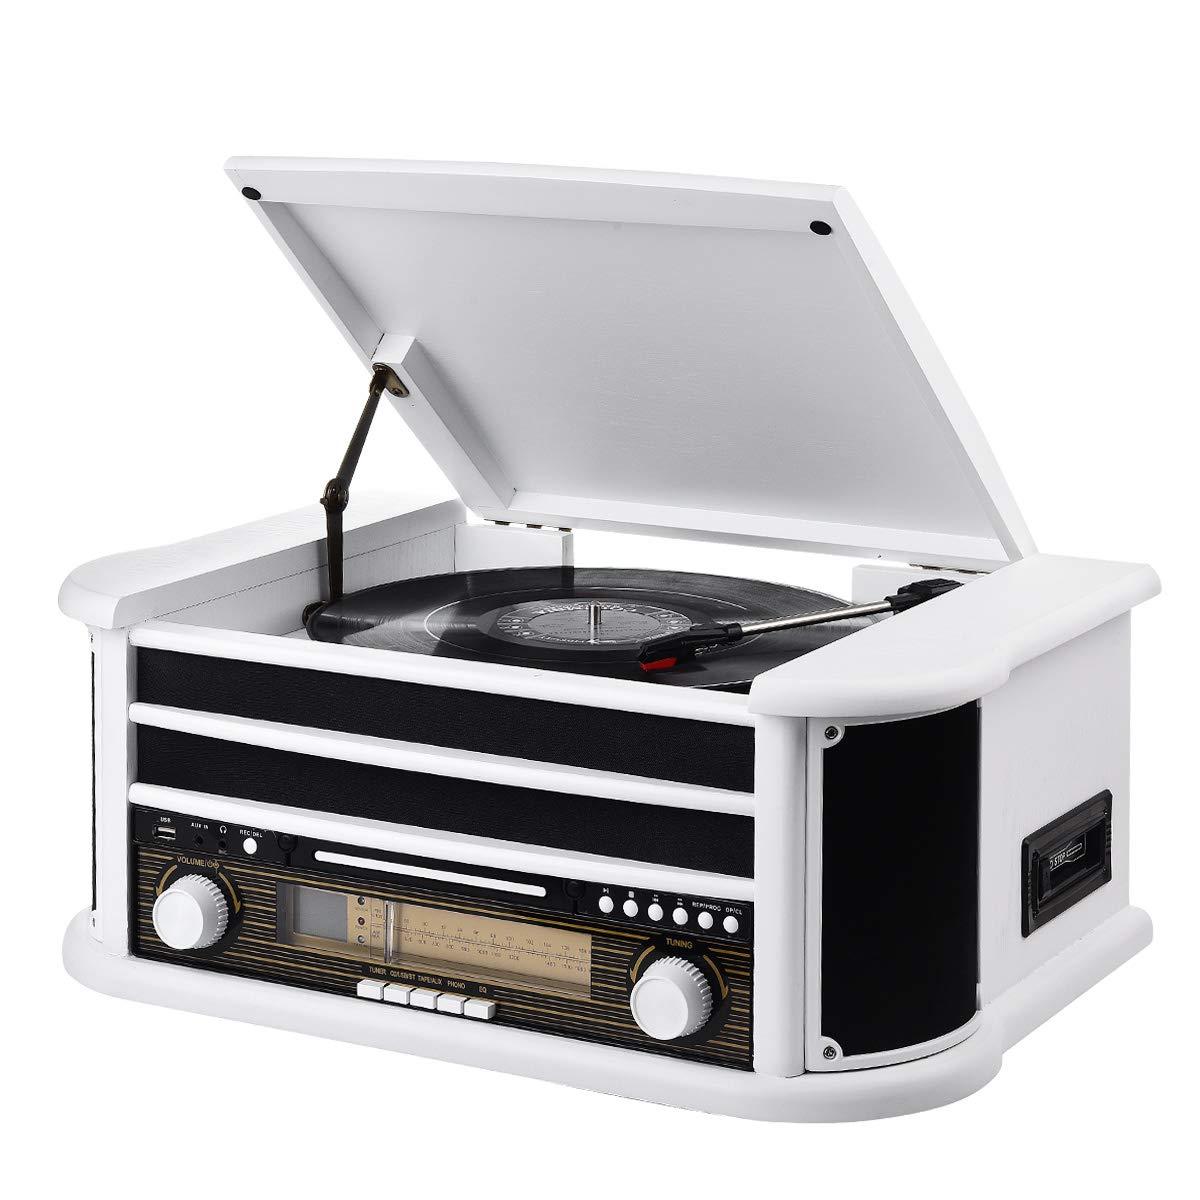 MUSITREND Tocadiscos (33 / 45 / 78 RPM) estéreo de 3 velocidades con Altavoces incorporados, Sistema de Audio para el hogar (BT, Am/FM Radio